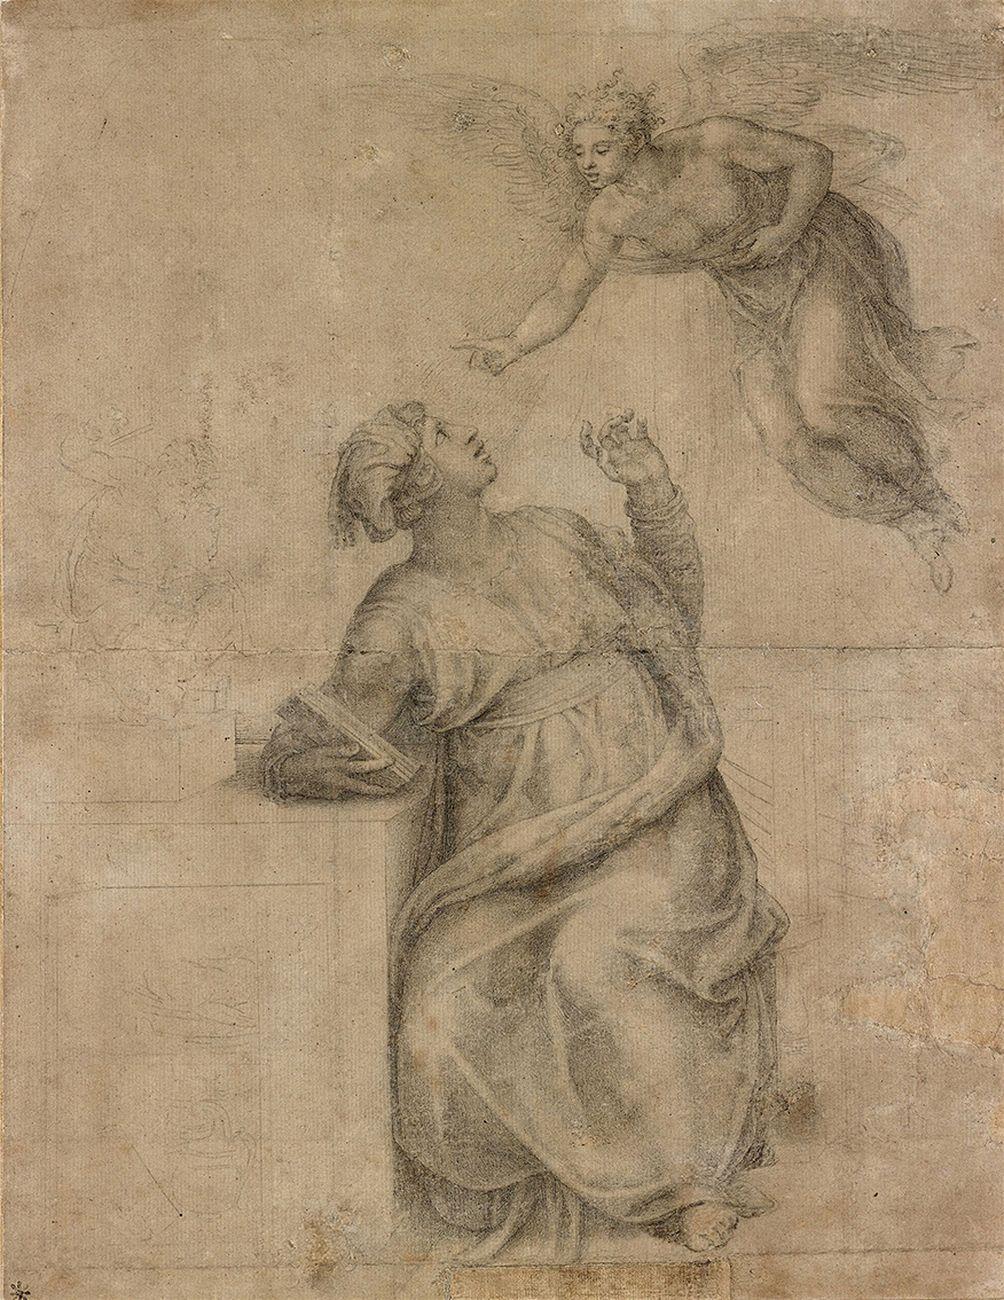 Michelangelo Buonarroti, L'Annunciazione, 383 x 297 mm, riproduzione. New York, Pierpont Morgan Library